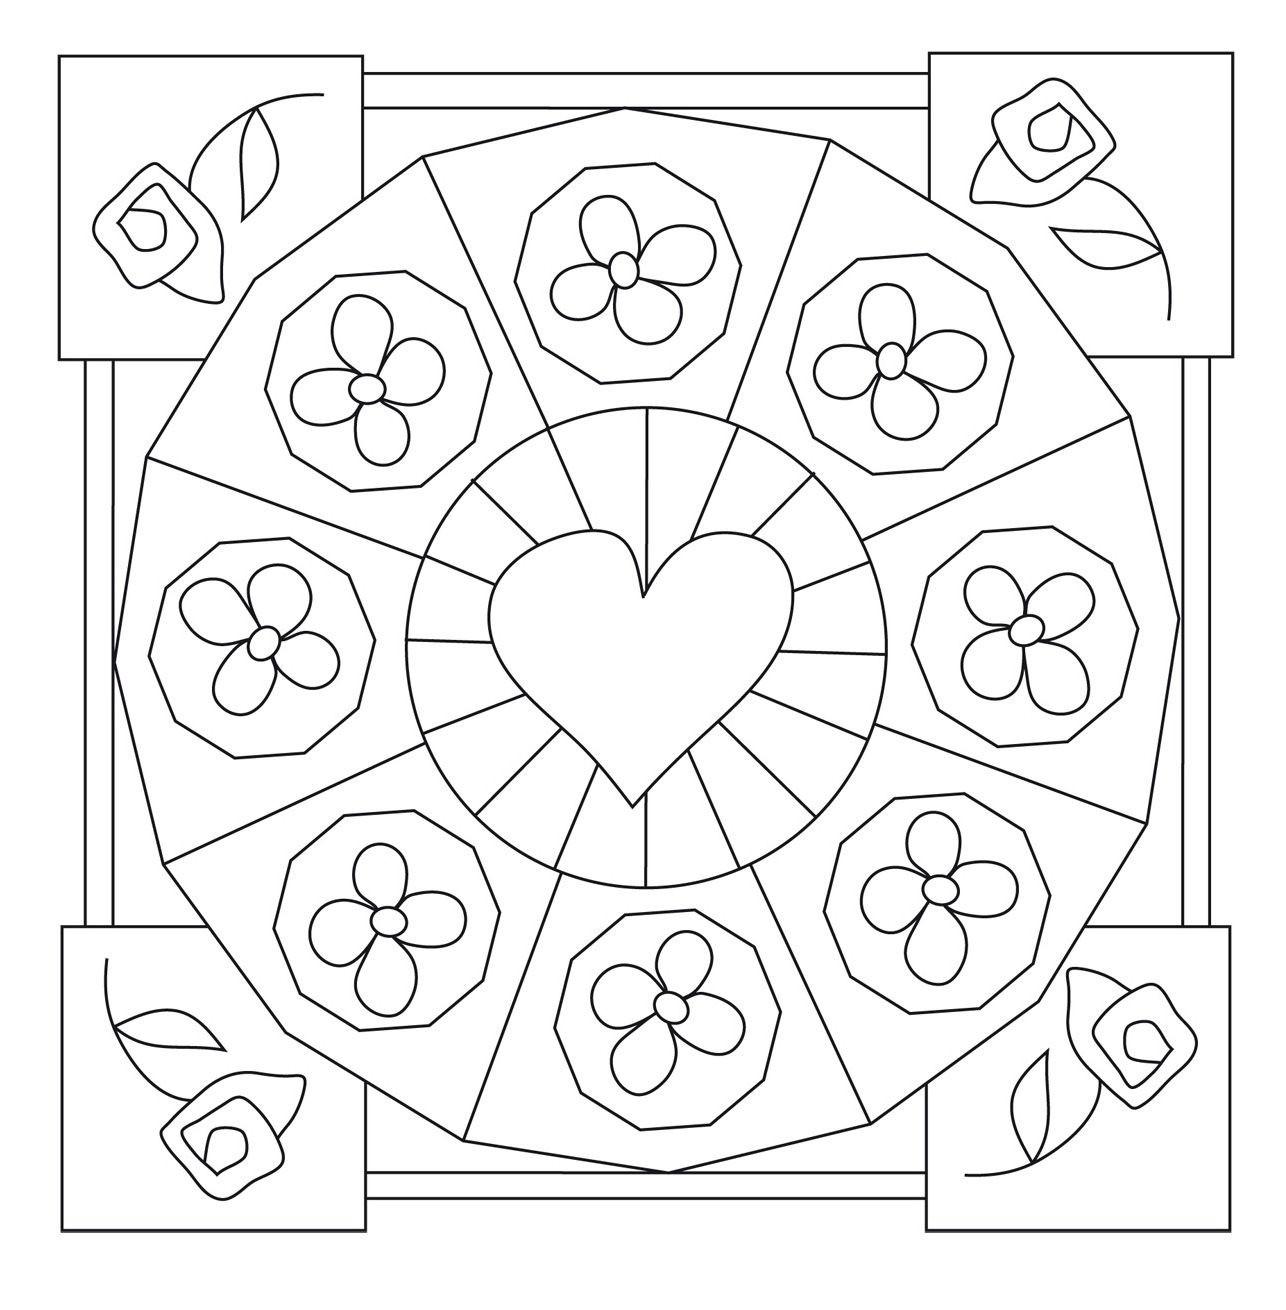 Ausmalbilder Raupe Nimmersatt Einzigartig Pin Von I T Auf Mandala Flowers Schön Raupe Nimmersatt Ausmalbilder Bild